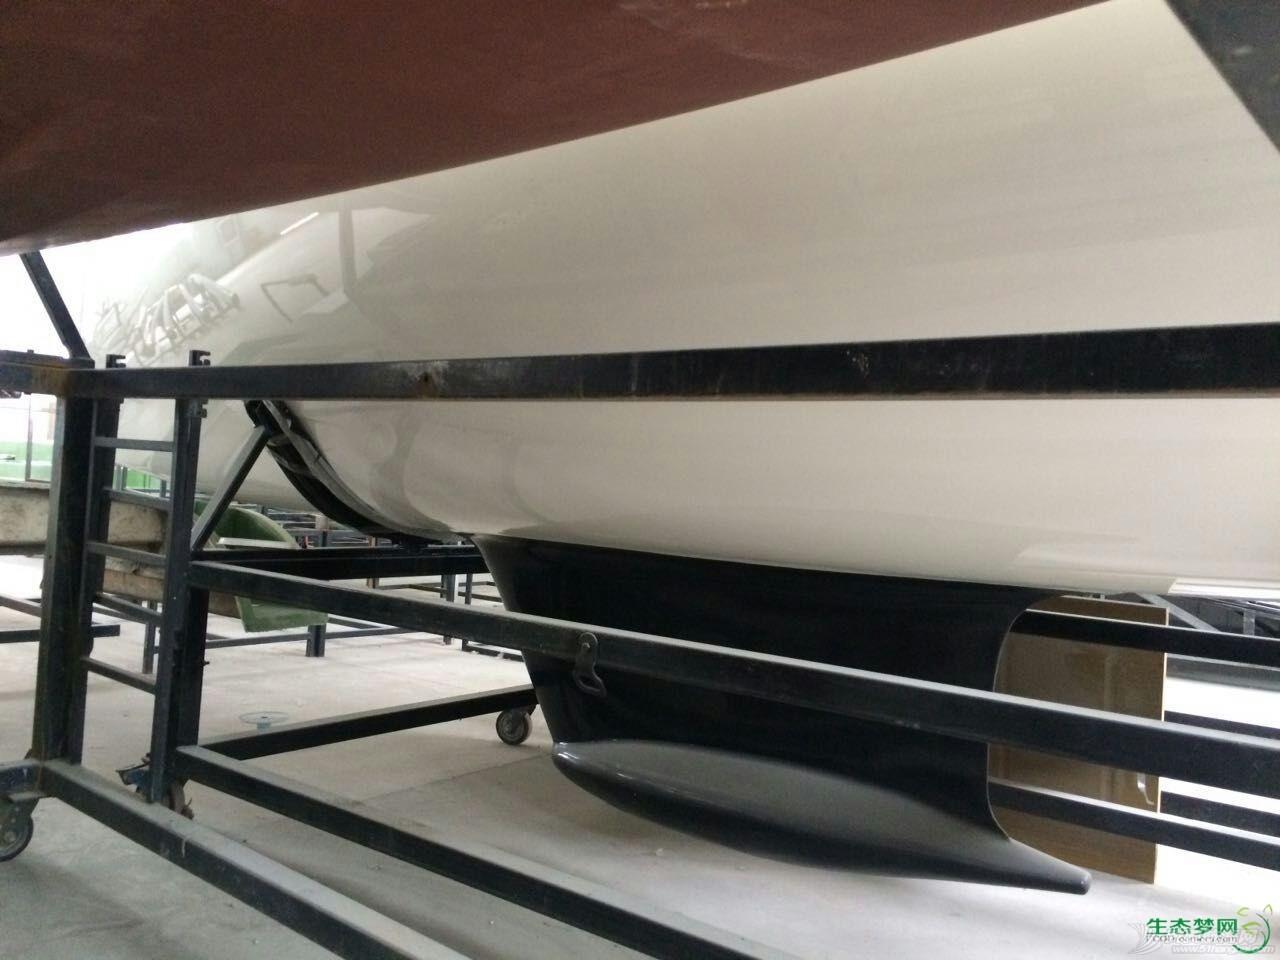 帆船 五条日航者帆船(daytripper)出售 12.jpg